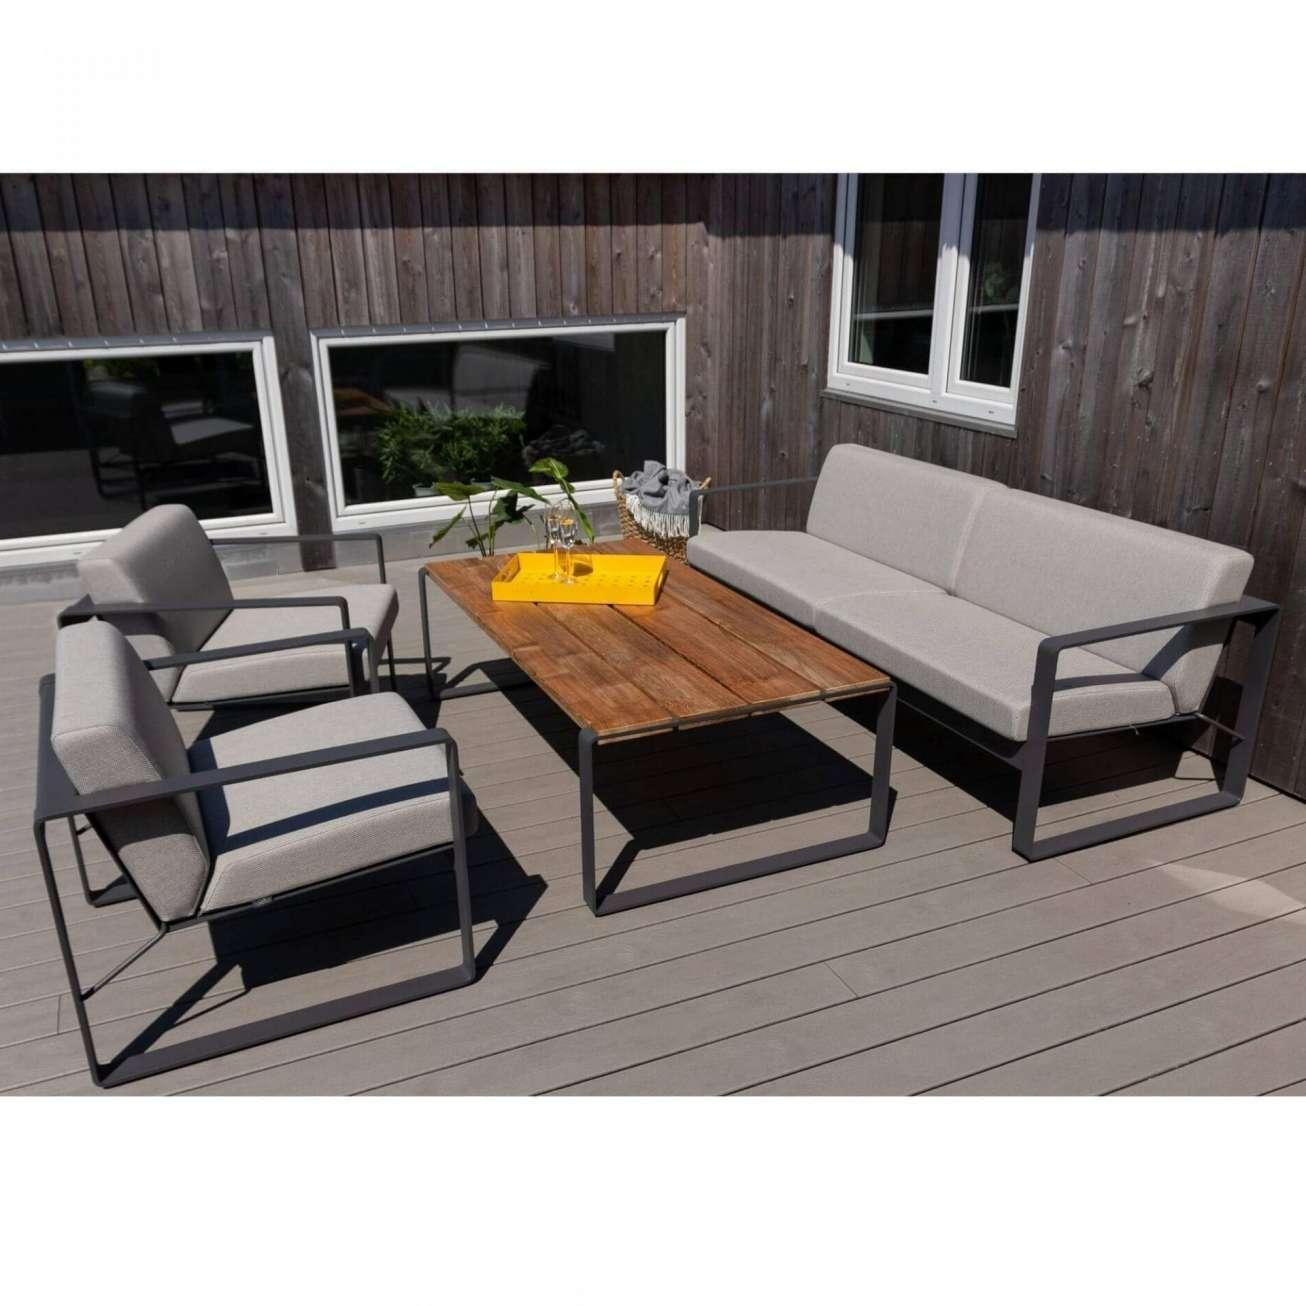 Hagemøbler og utemøbler fra Fine Design. Toseter sofa fra Sundays Design, i grå. Aluminiumsbord og to grå stoler.